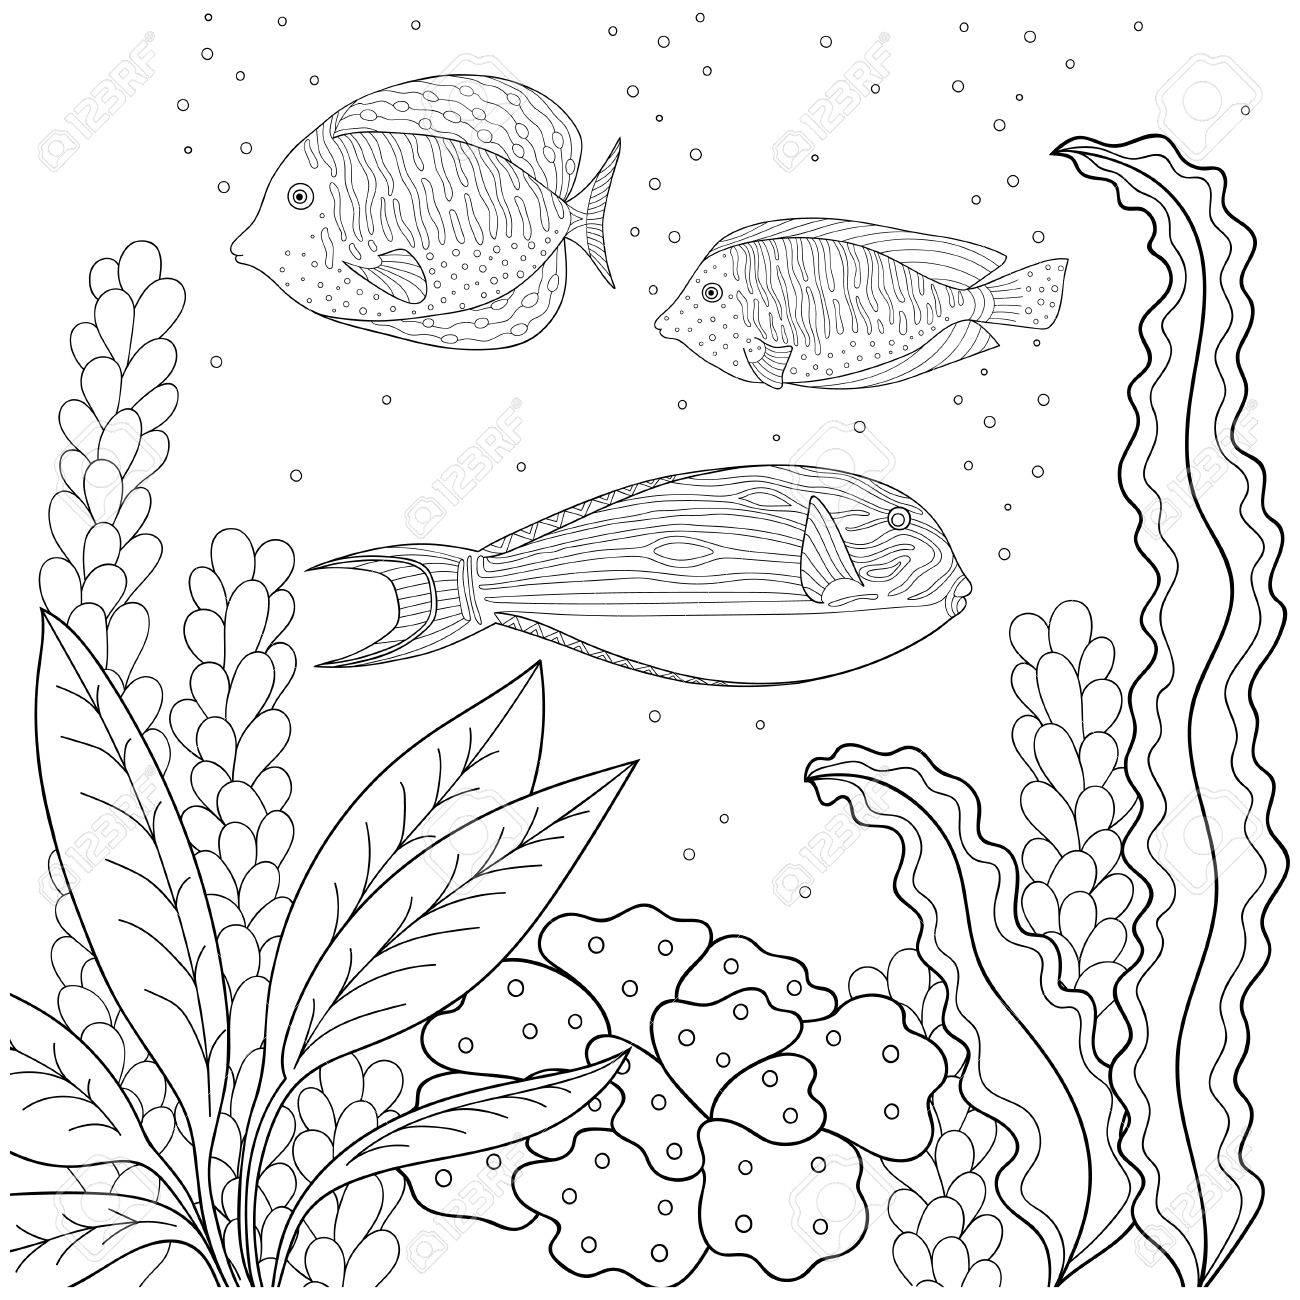 Motif de Doodle en noir et blanc. Modèle marin pour cahier de coloriage.  Mer, poisson, algues, bulles. Livre à colorier pour enfants et adultes.